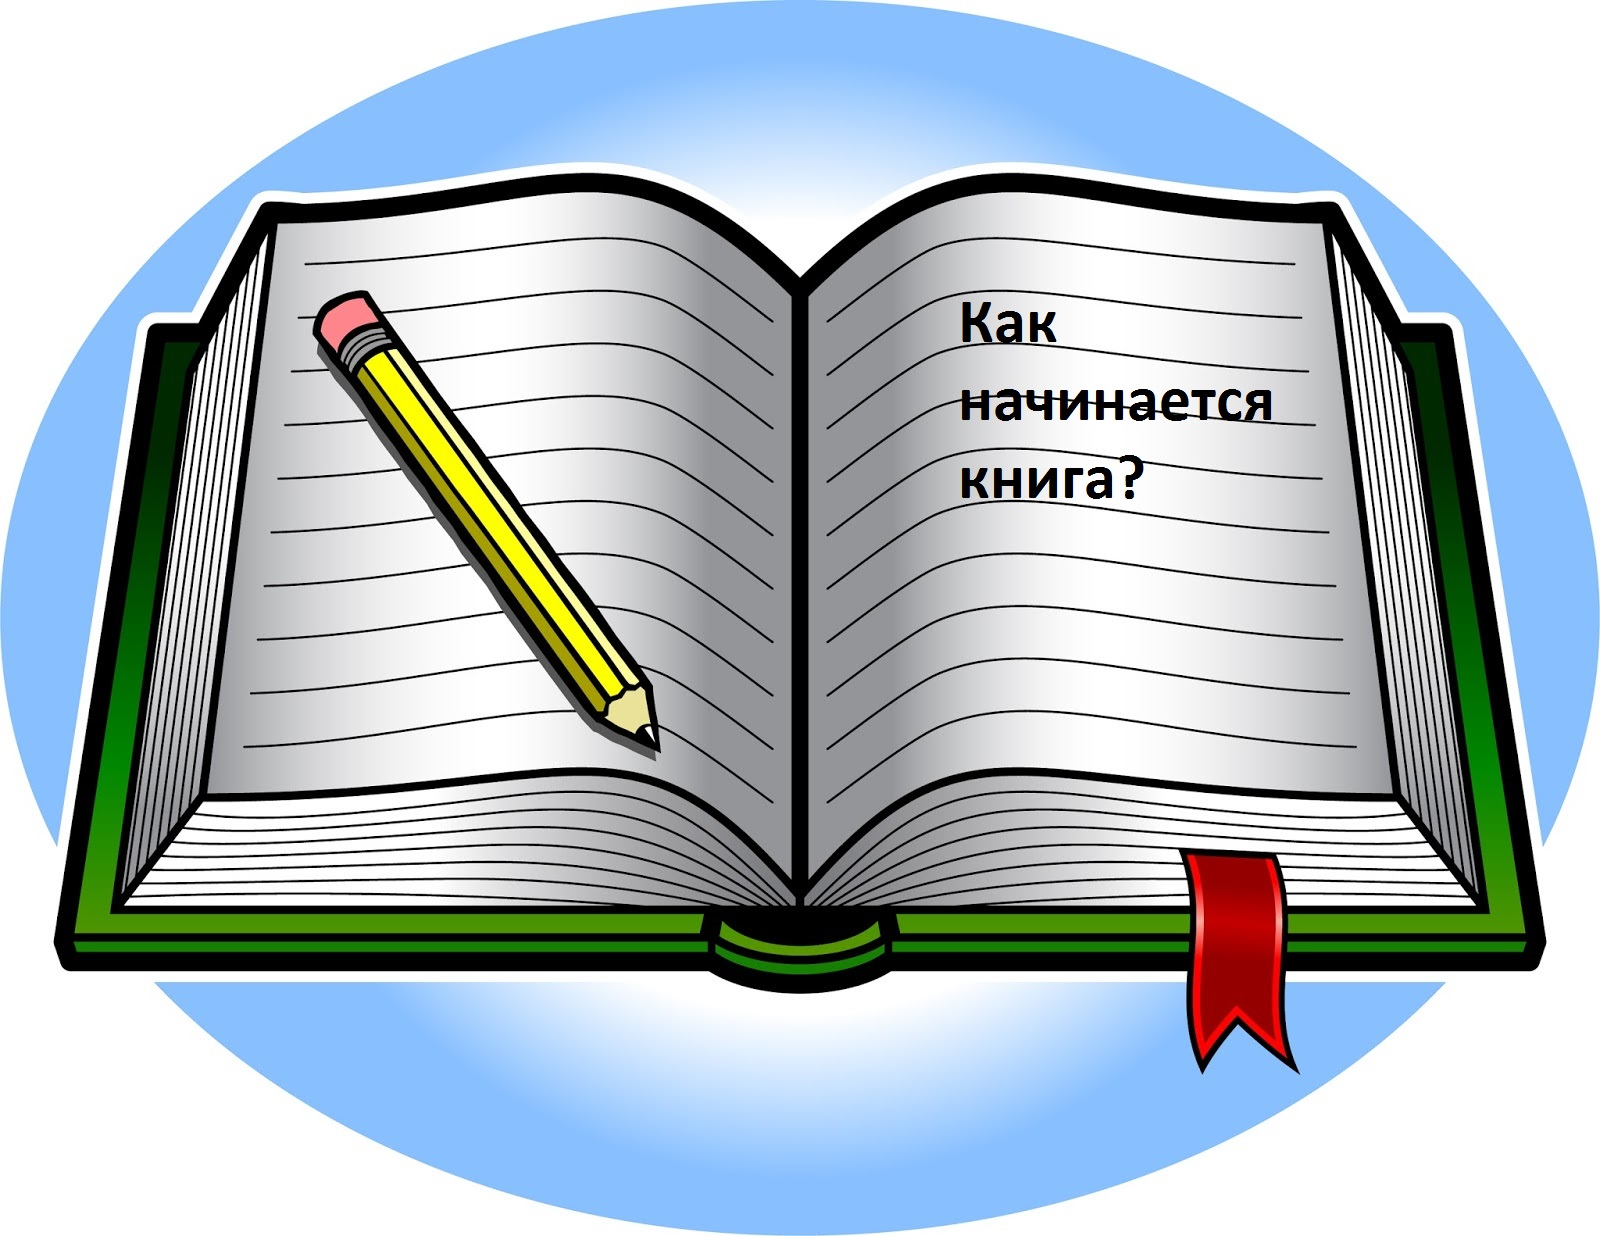 Как начинается книга?